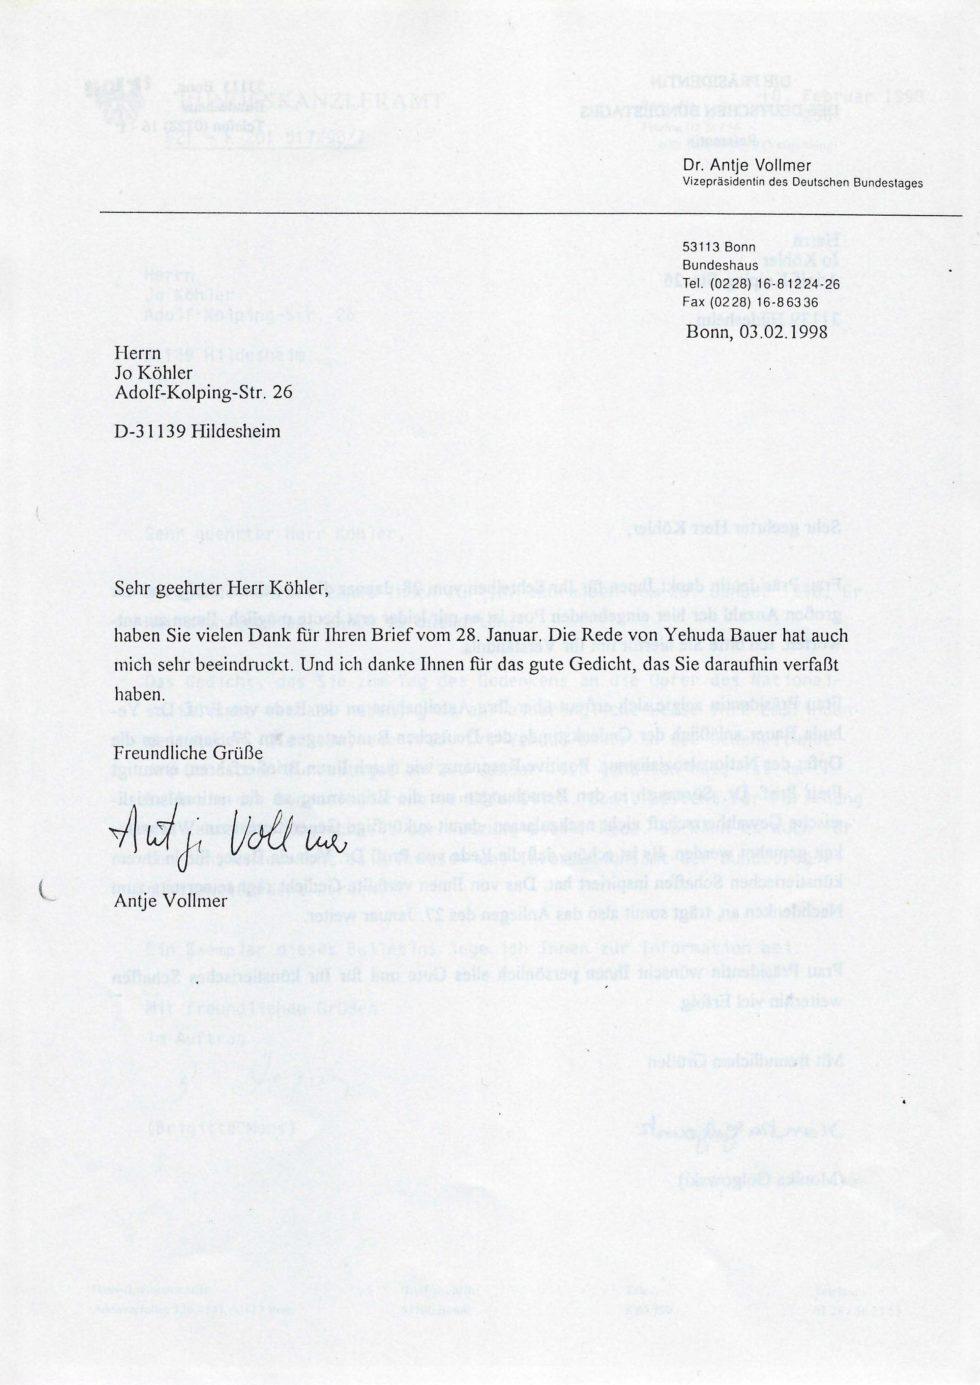 1998 LyrikGarten, LiteraTalk, Politisches_Seite_01